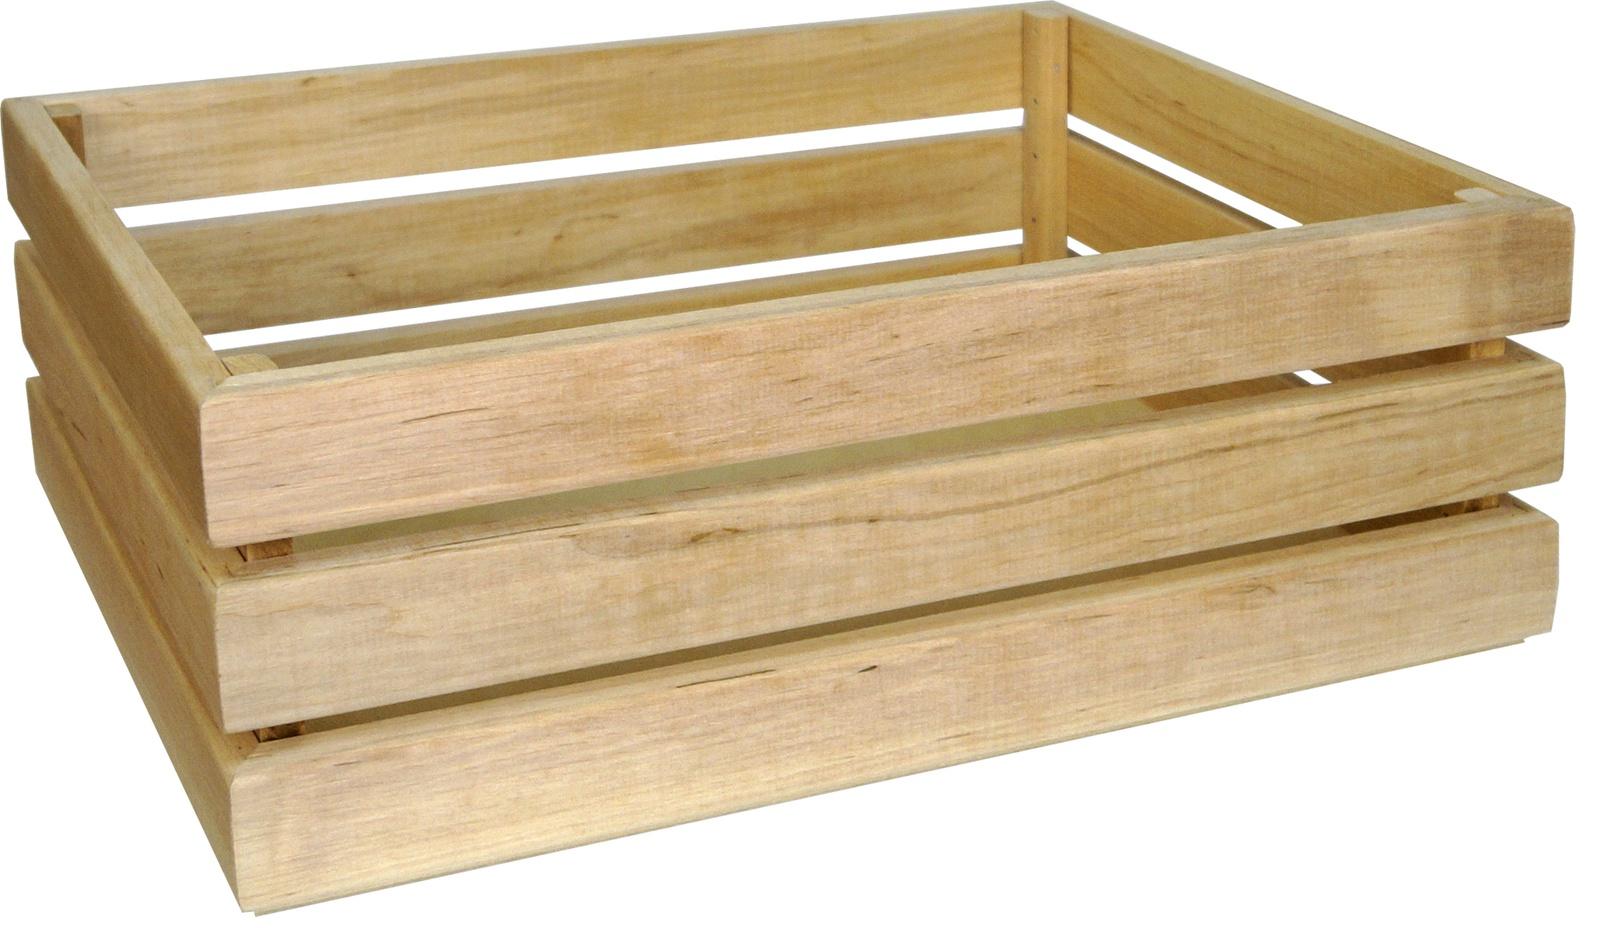 Коробка для хранения Мастер Рио Ящик для хранения и декорирования малый, светло-коричневый цена и фото